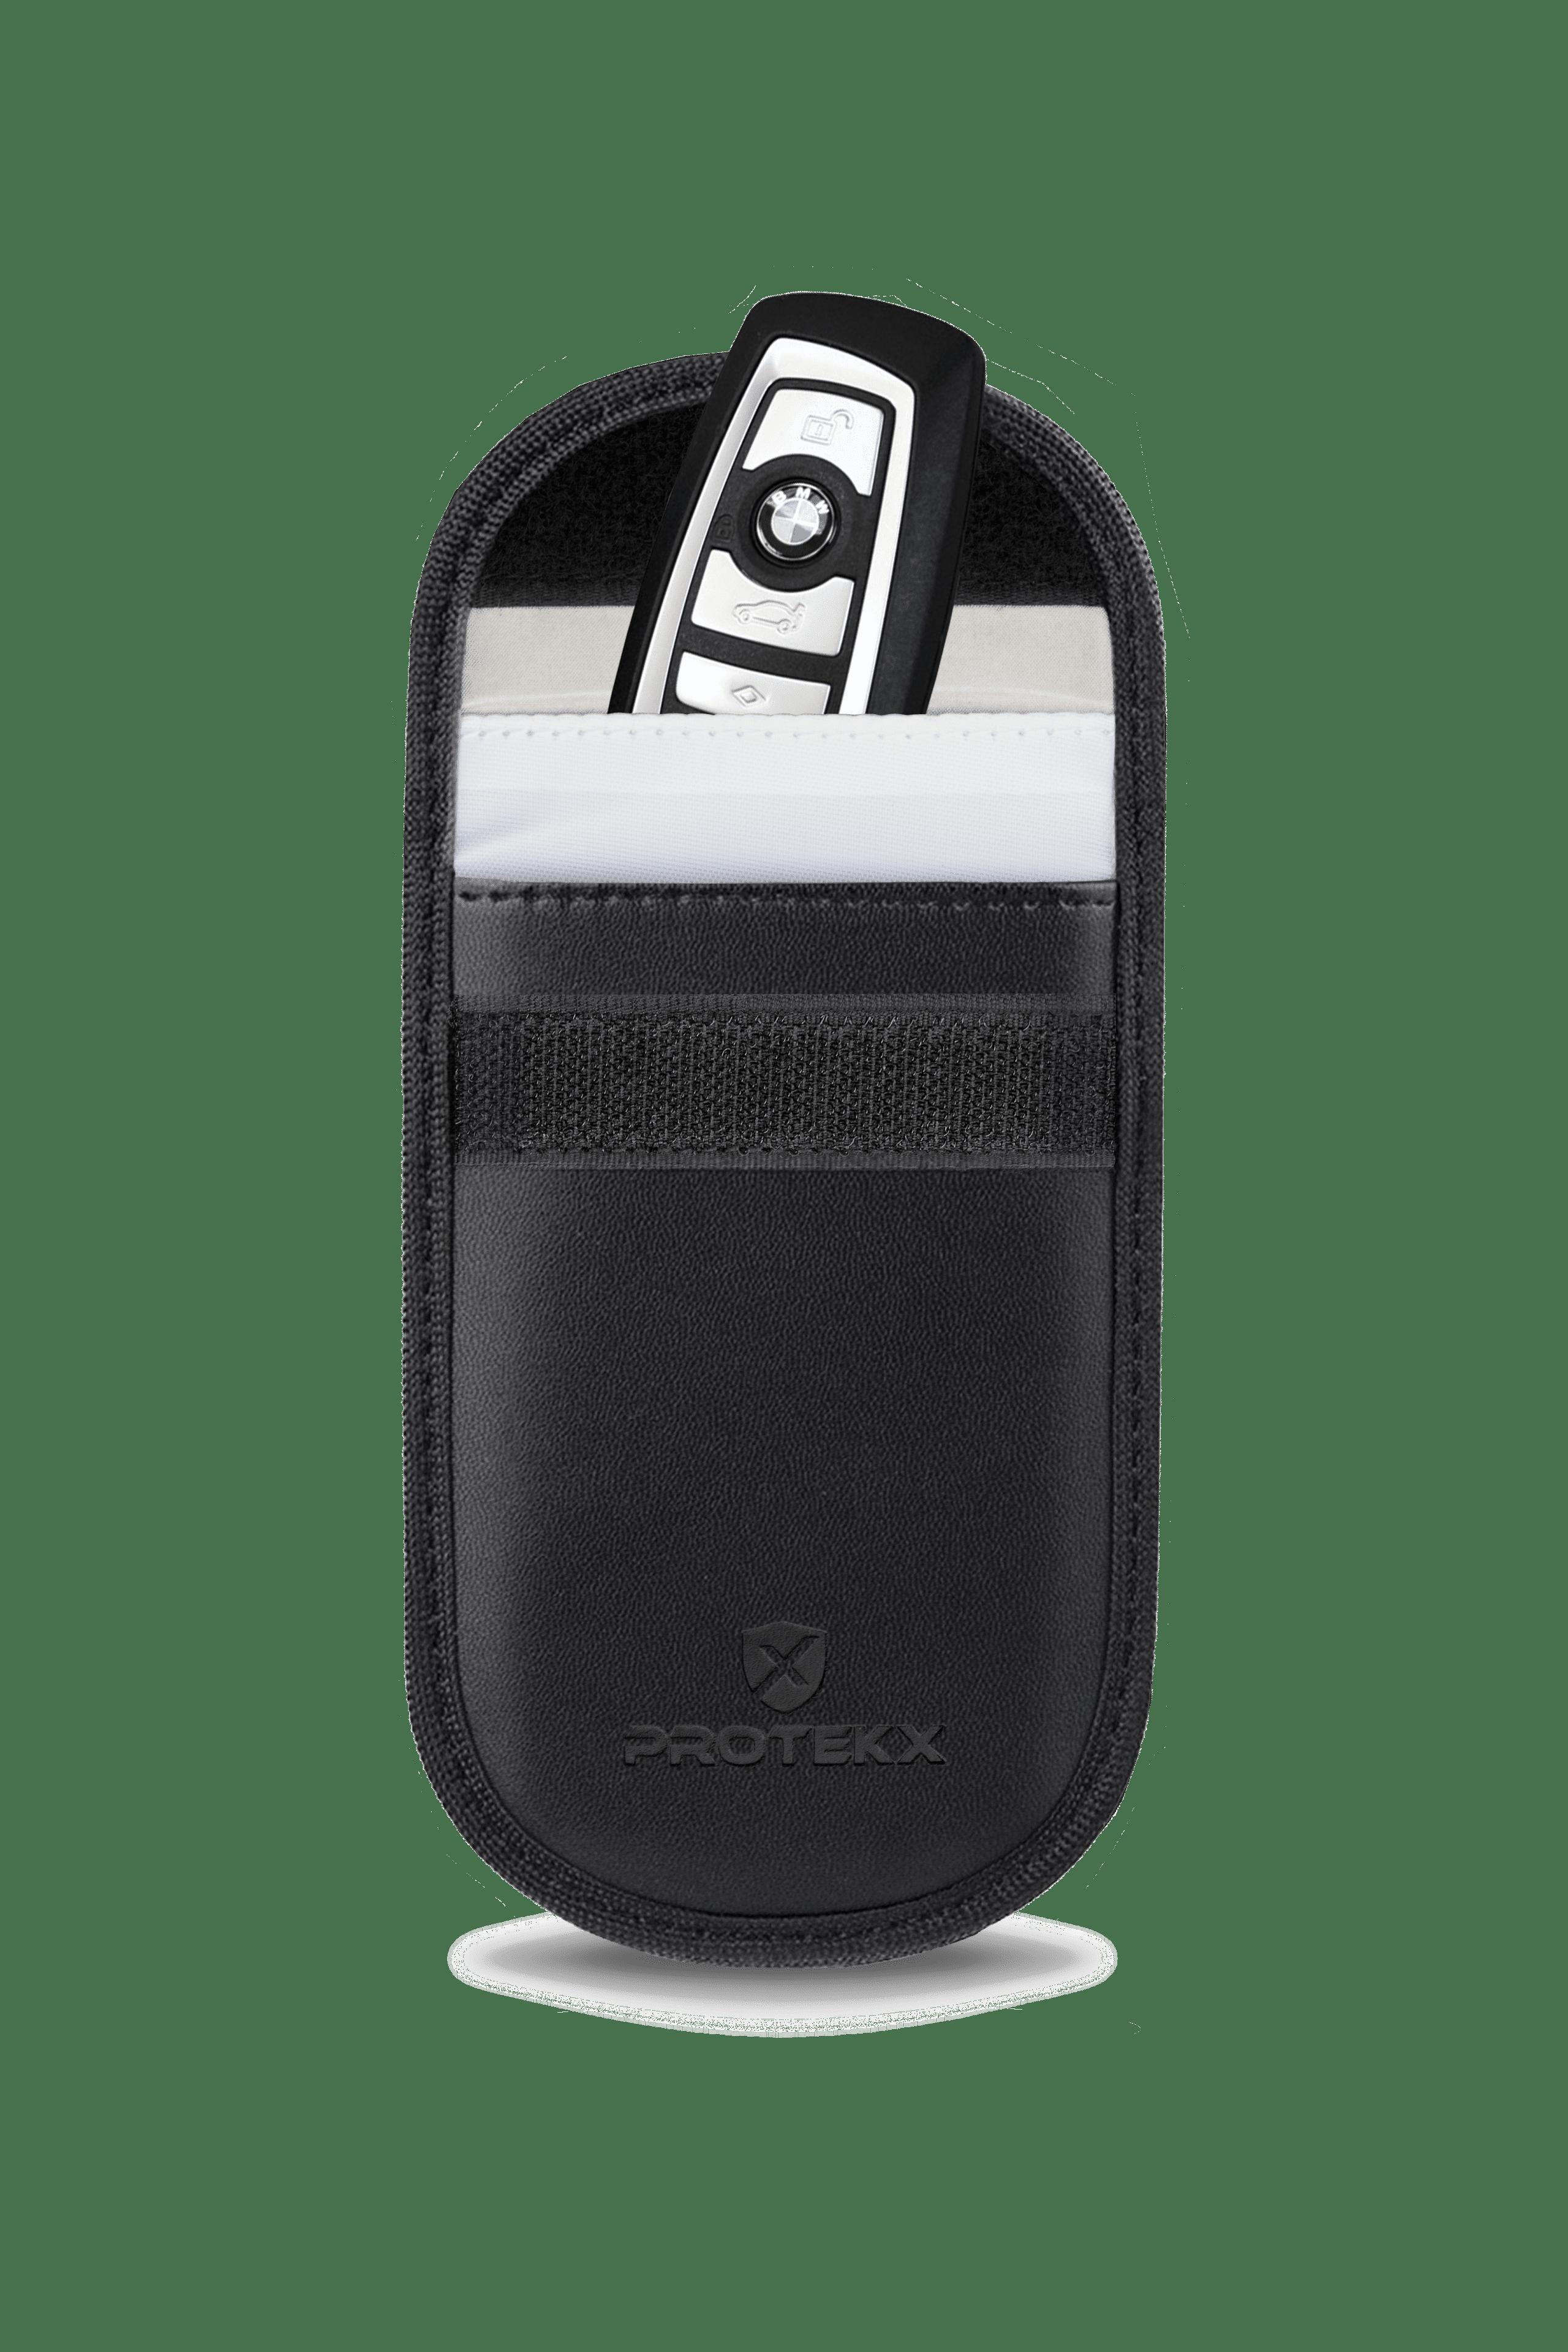 RFID beschermhoes anti-diefstal